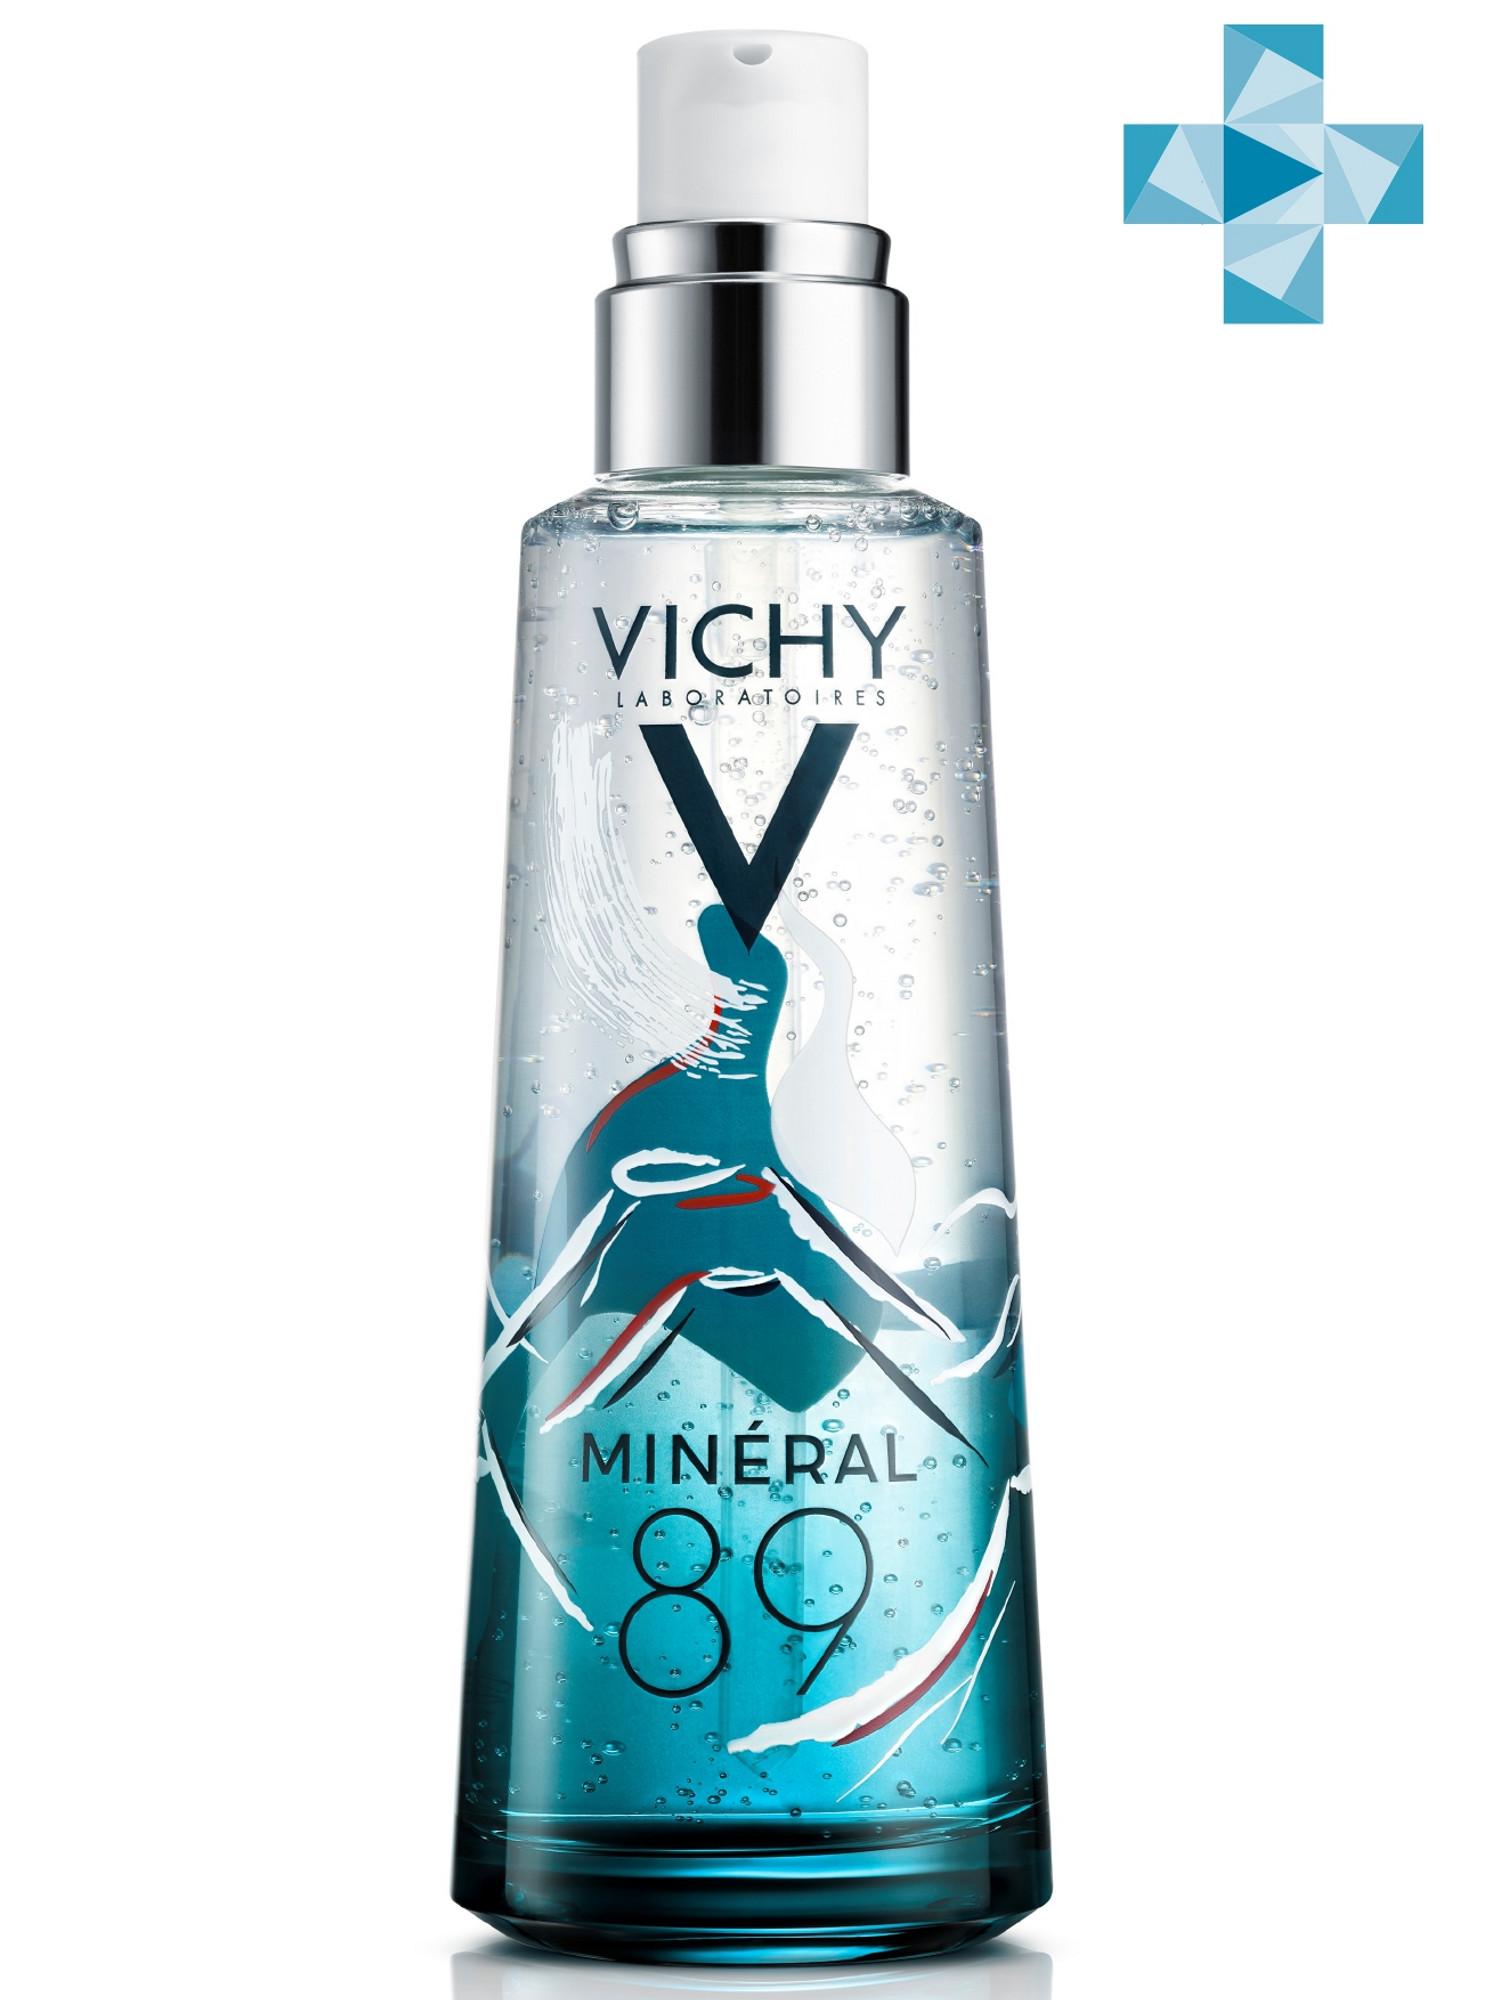 Купить Vichy Ежедневный гель-сыворотка для кожи, подверженной внешним воздействиям Limited Edition, 75 мл (Vichy, Mineral 89), Франция